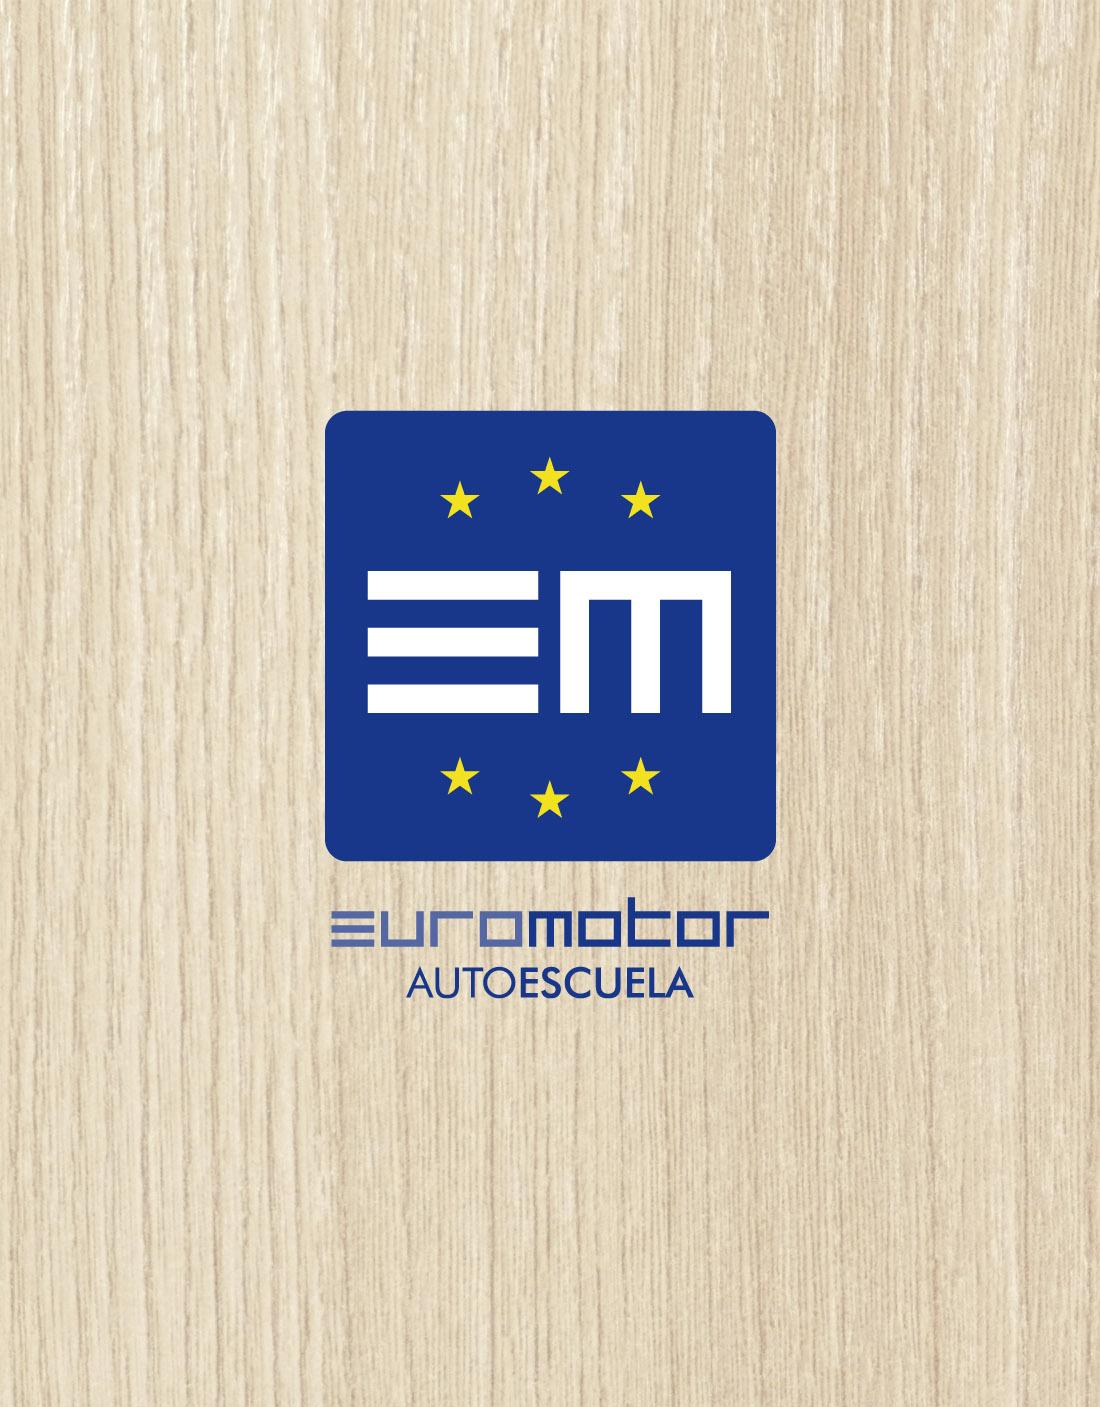 Logotipo Autoescuela Euromotor